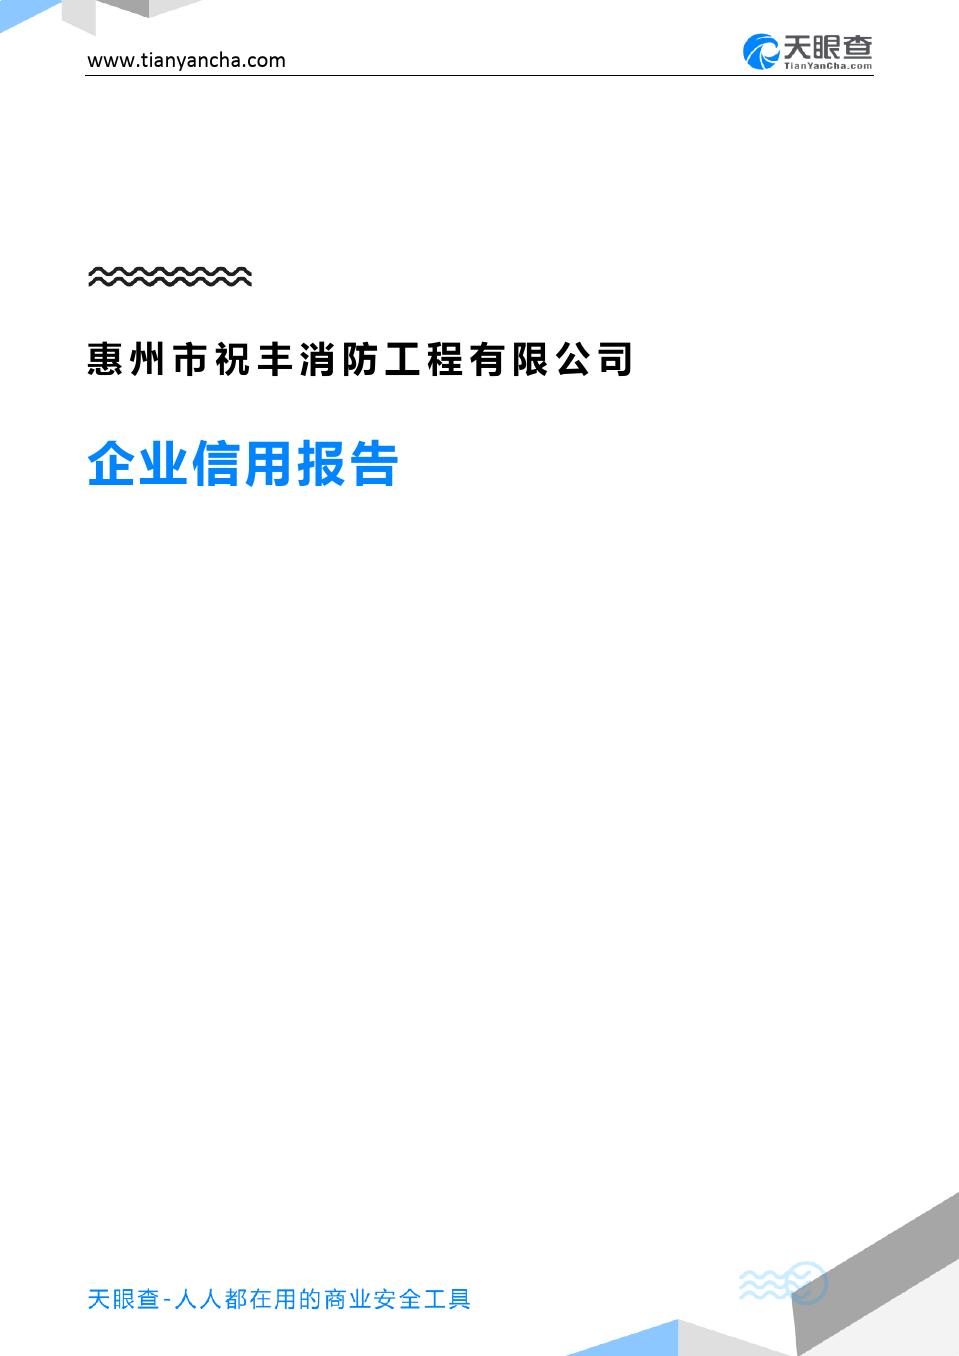 惠州市祝丰消防工程有限公司(企业信用报告)- 天眼查